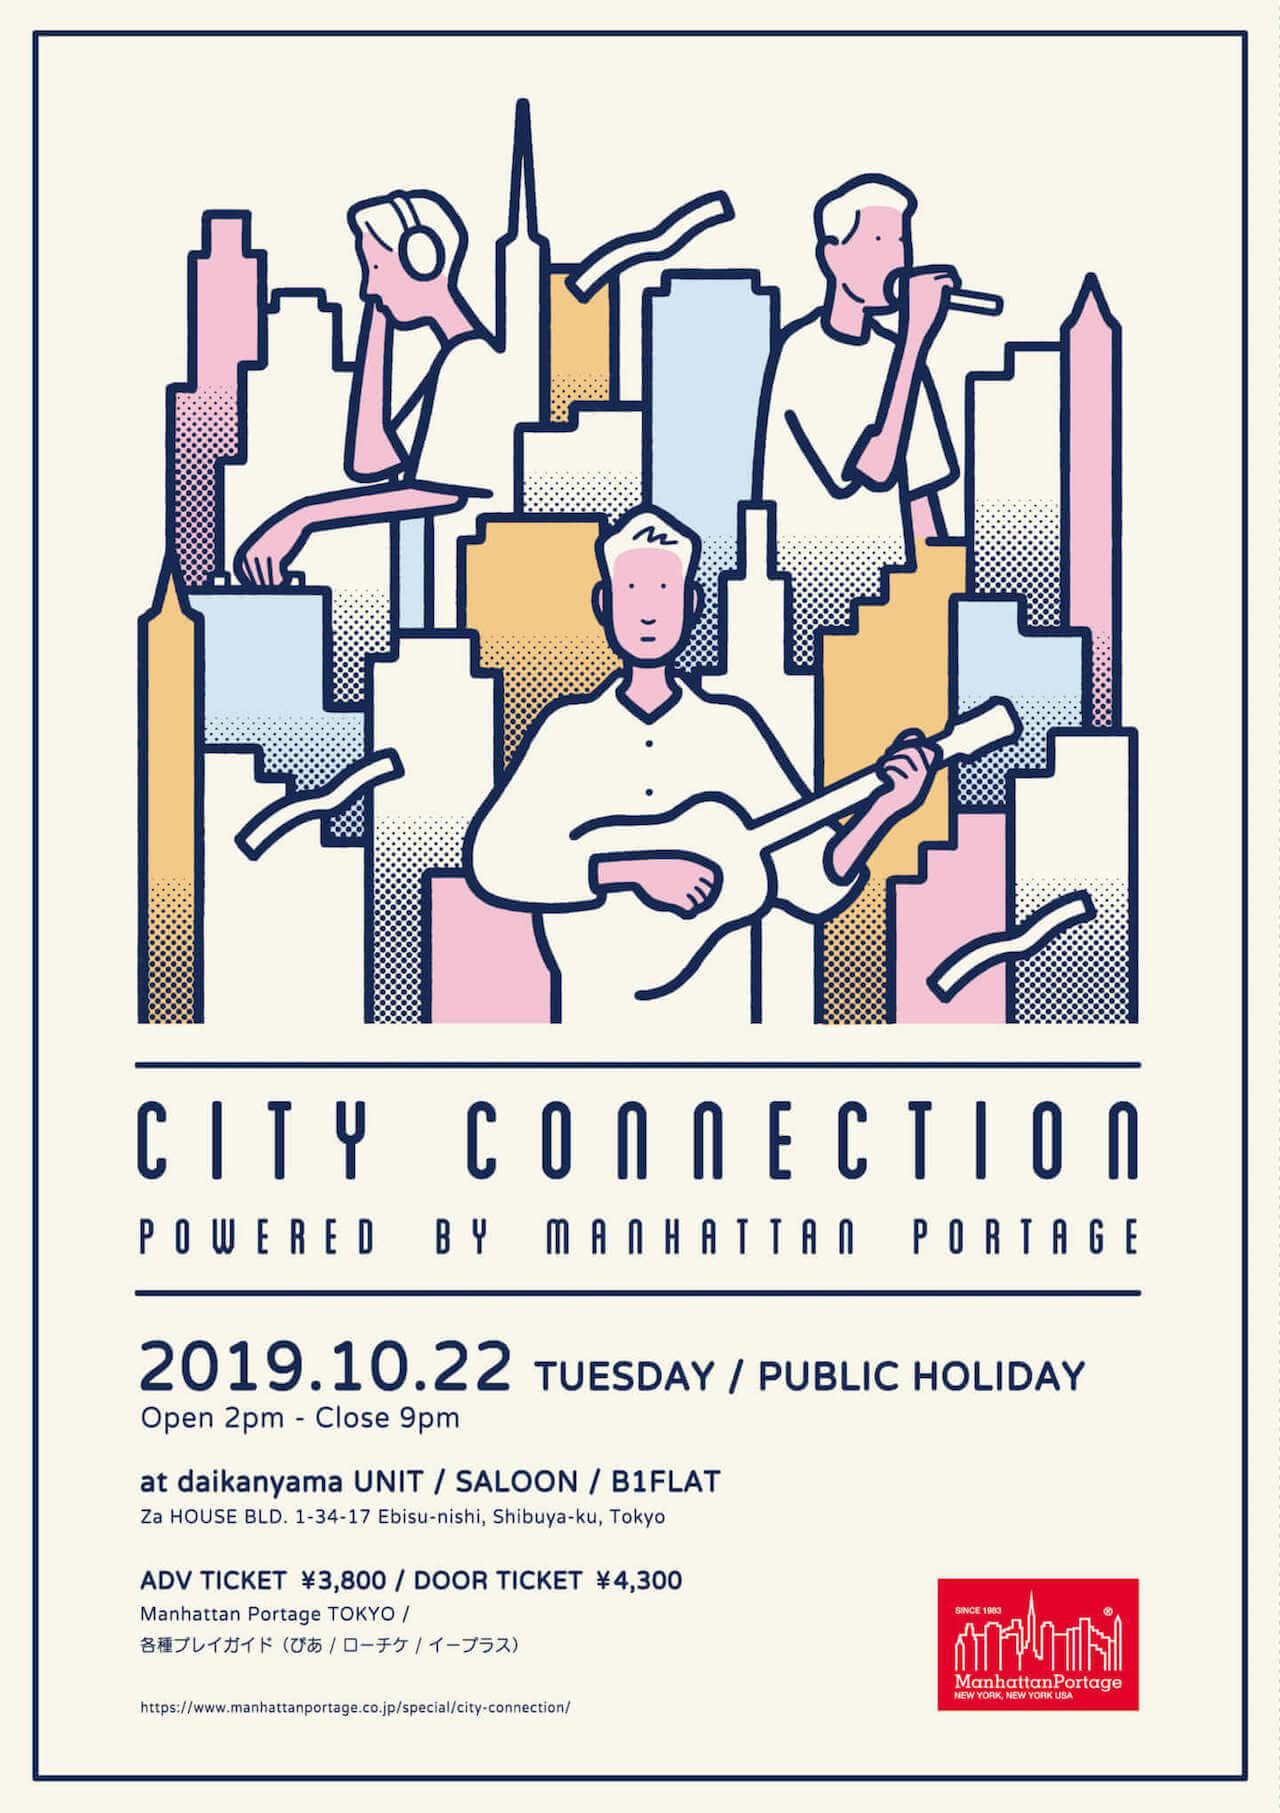 Manhattan Portage主催の音楽プロジェクト<City Connection>のラインナップを徹底解剖 music191010-city-connection-1